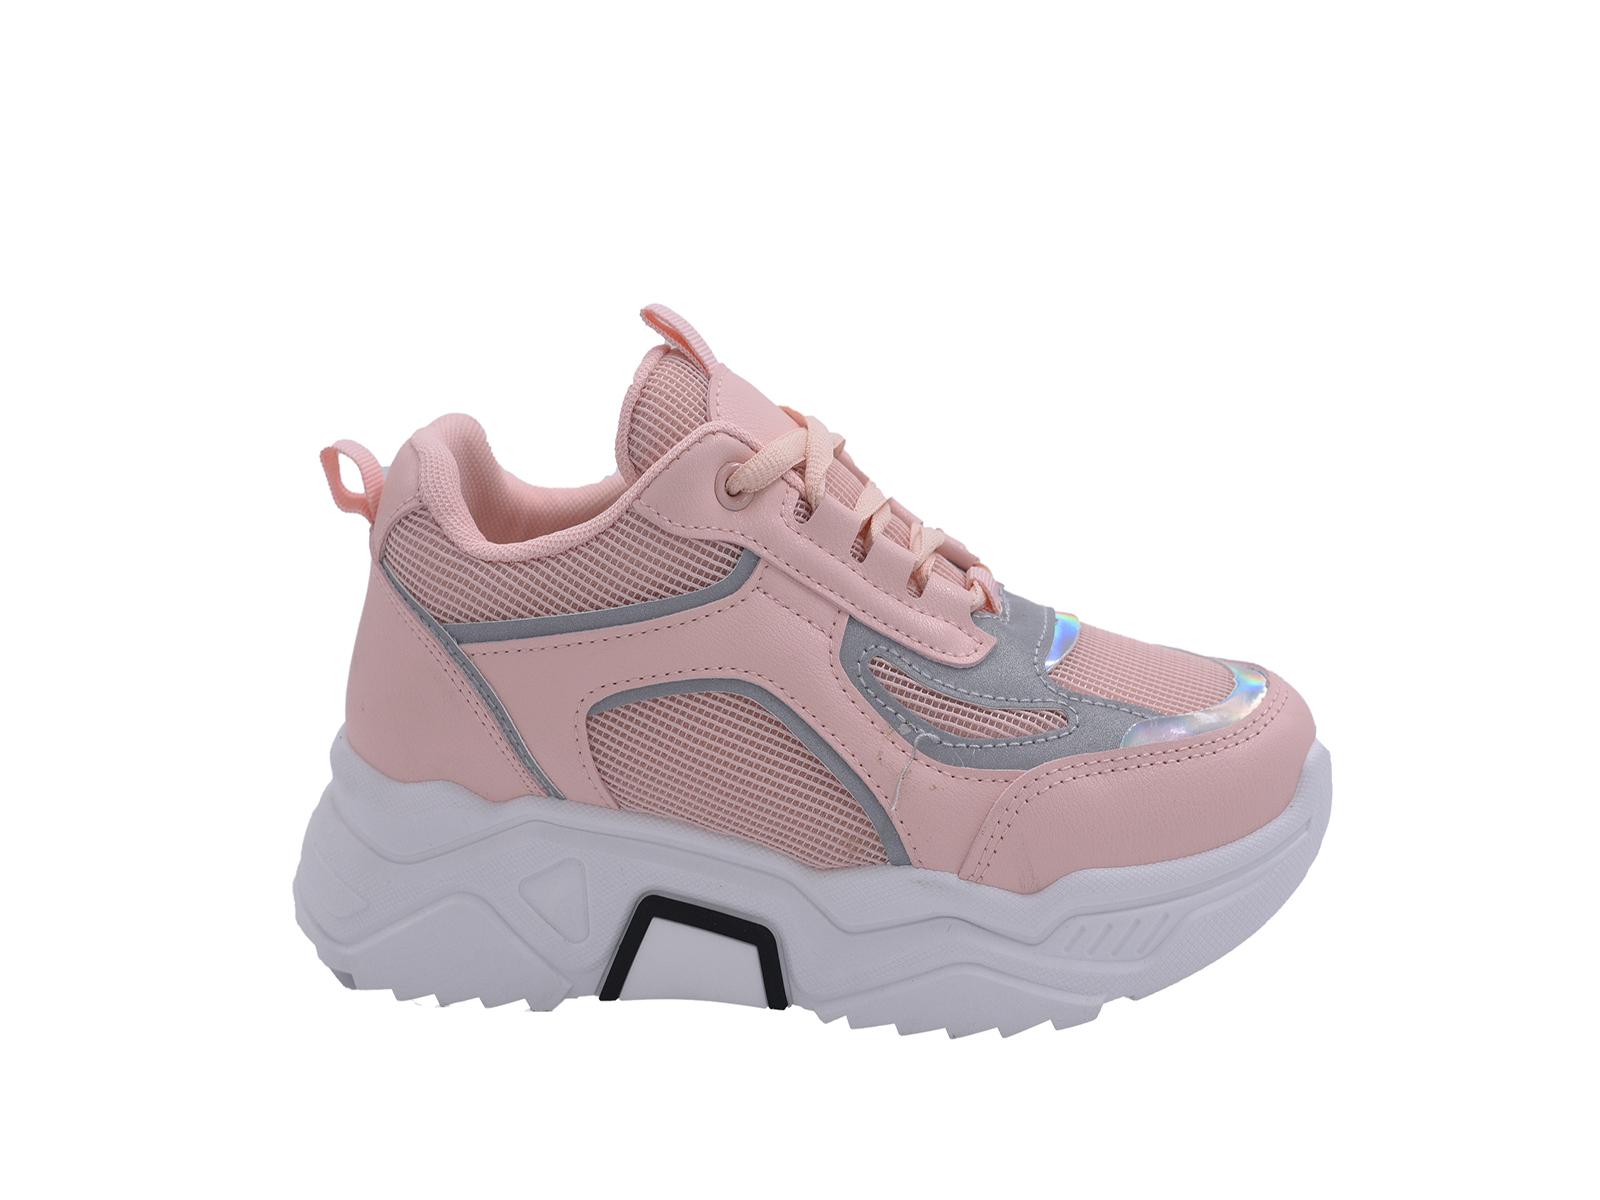 Ροζ chunky sole sneaker ΓΥΝΑΙΚΕΙΑ